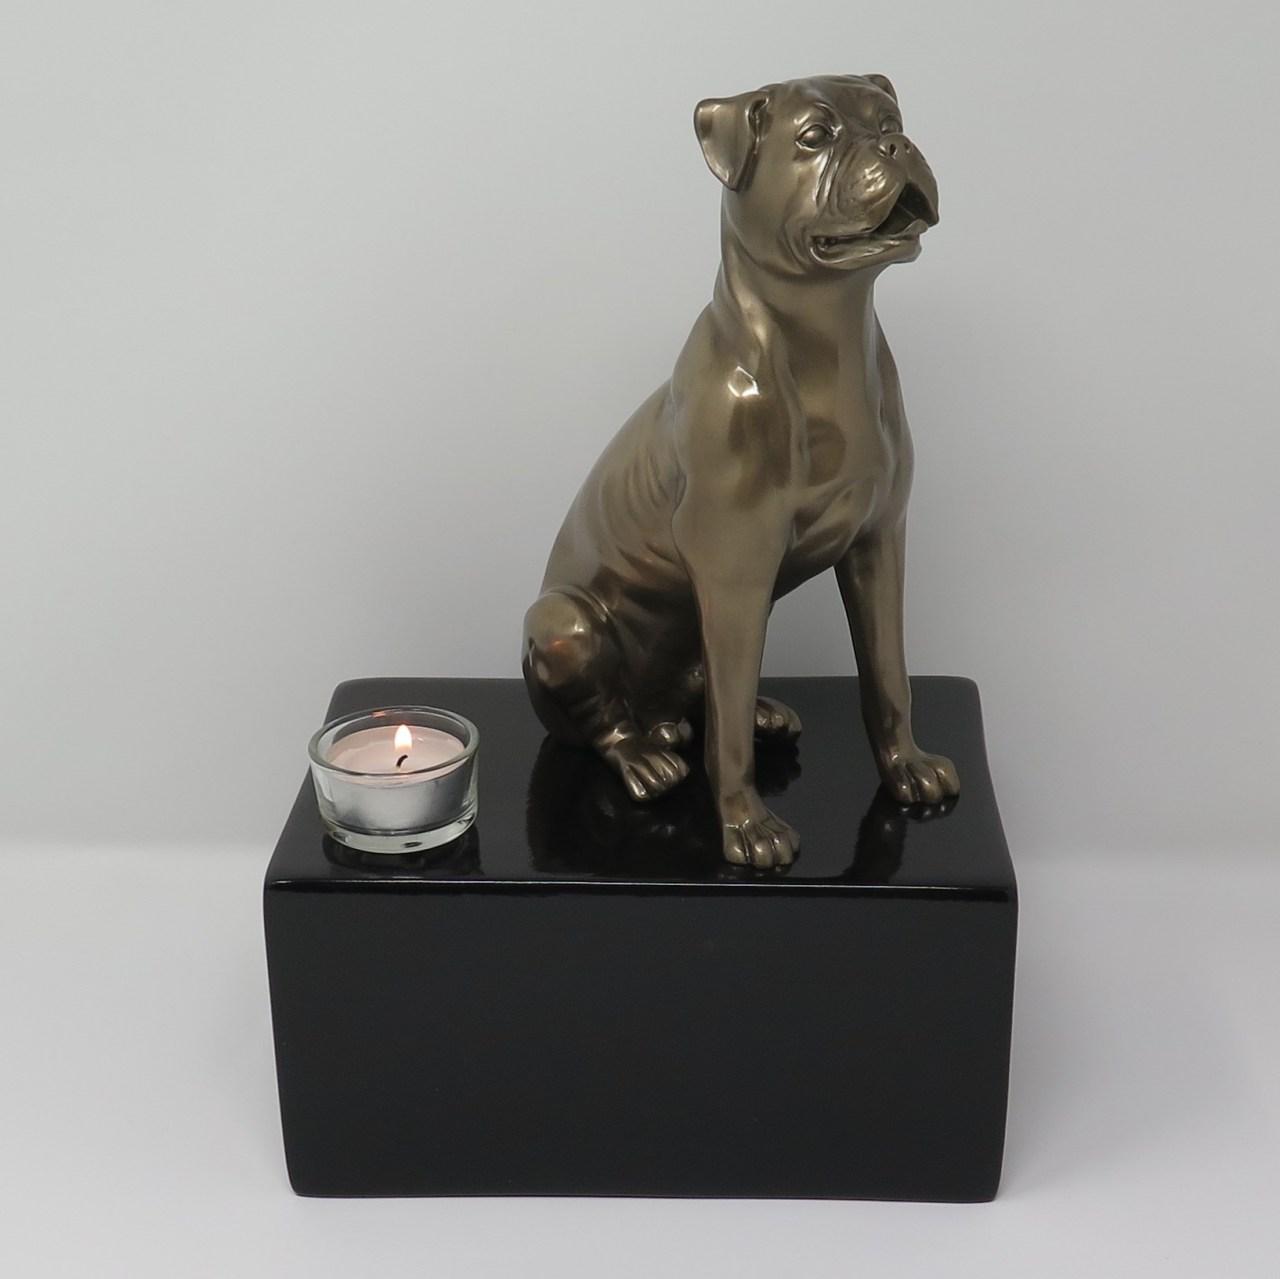 Boxer Urne mit Teelicht Designurne